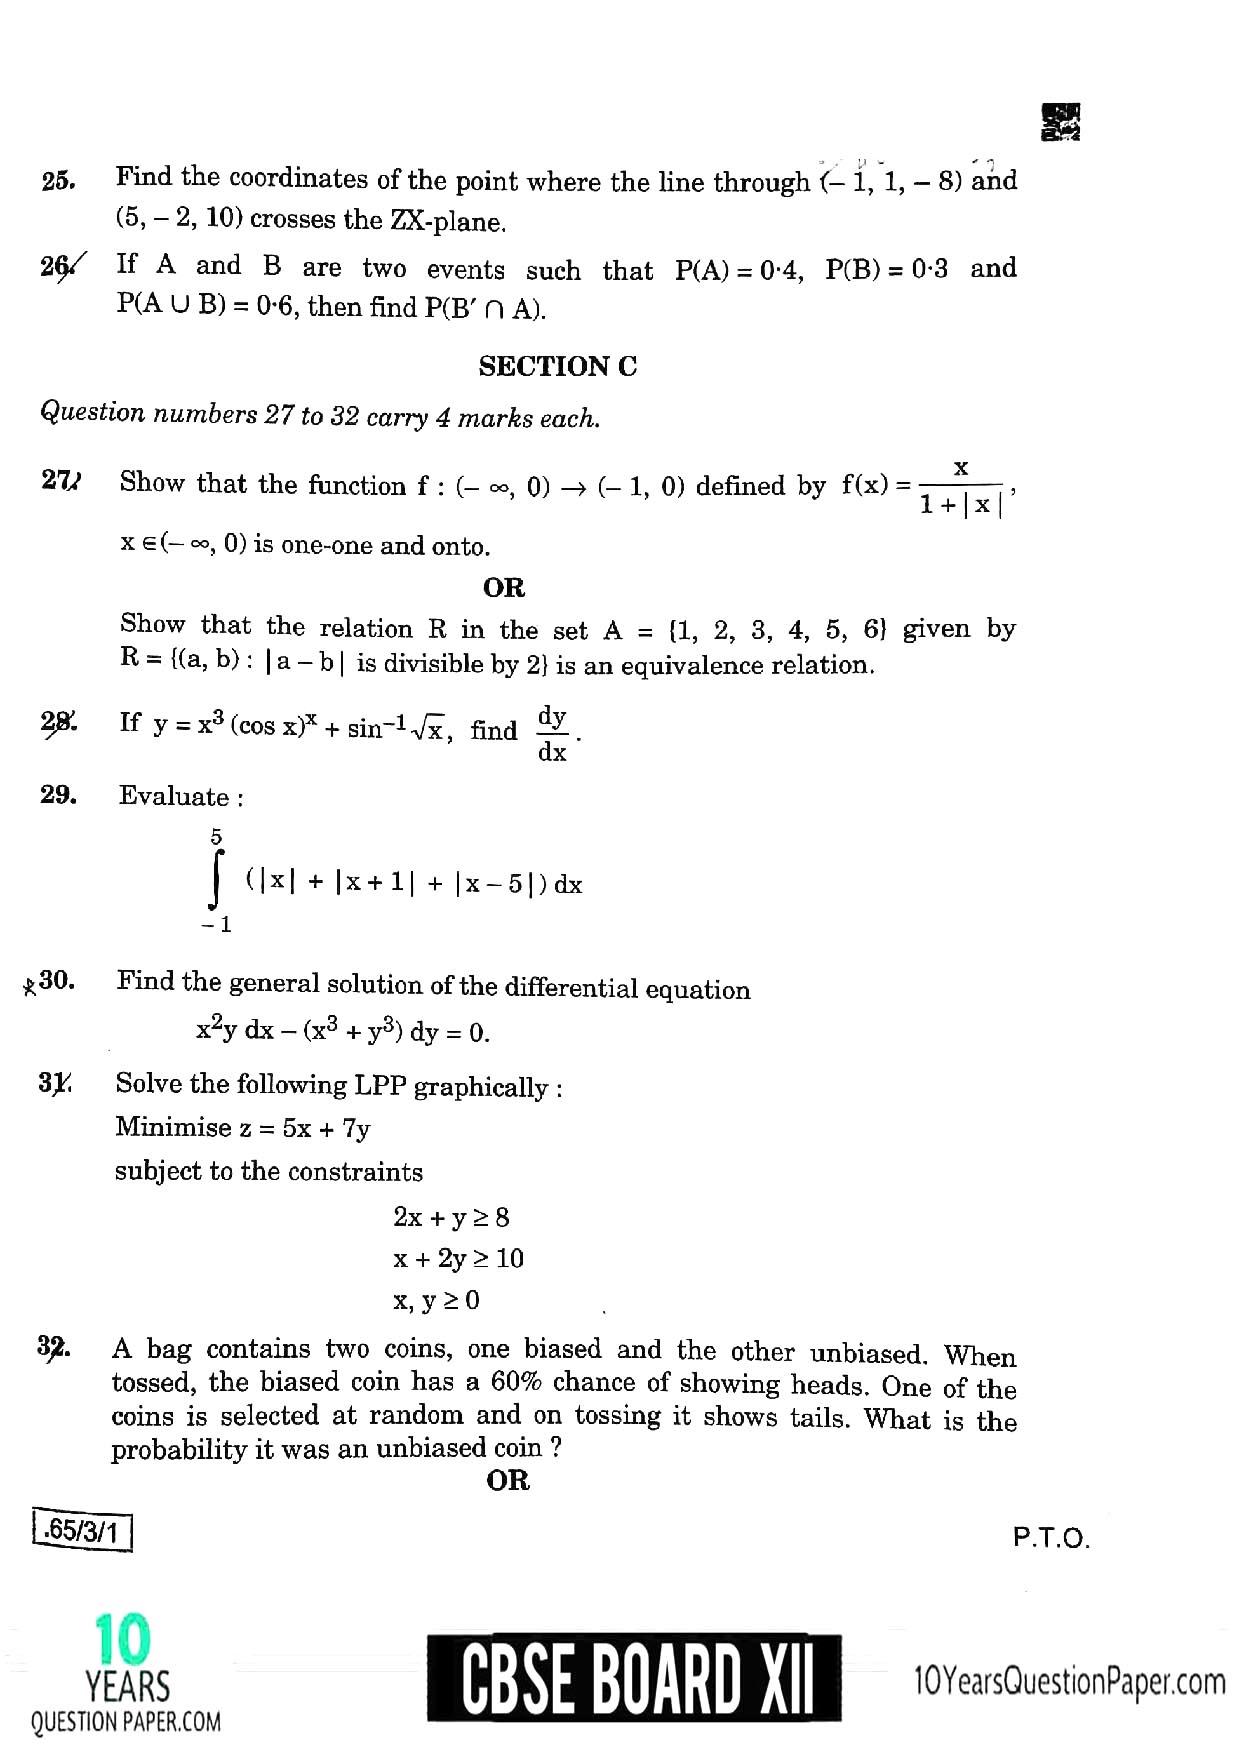 CBSE Class 12 Maths 2020 Question Paper 07